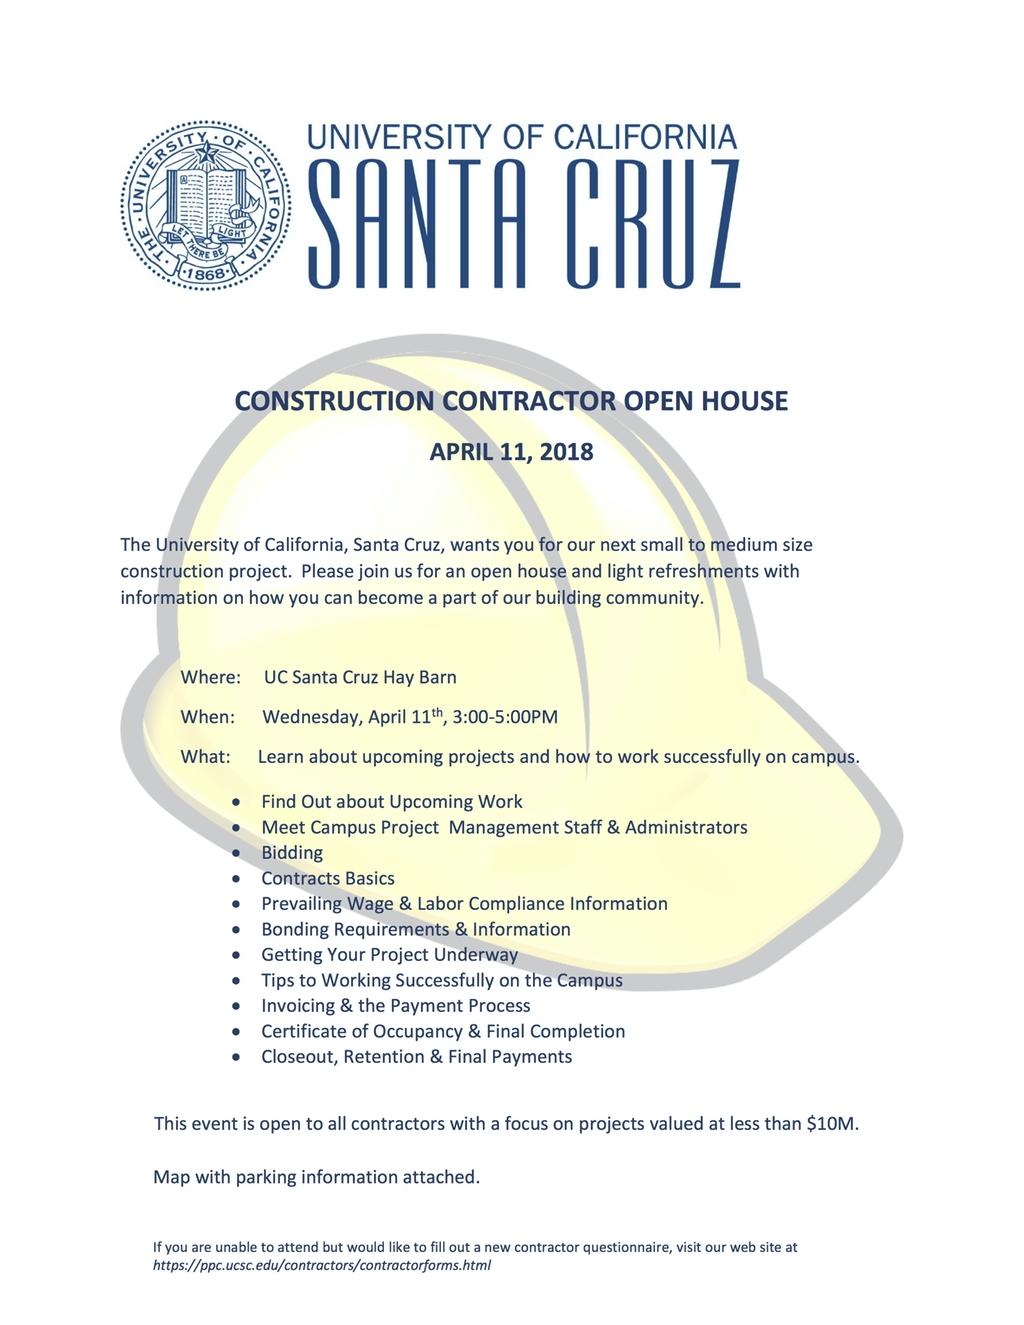 UCSC Open House Flyer